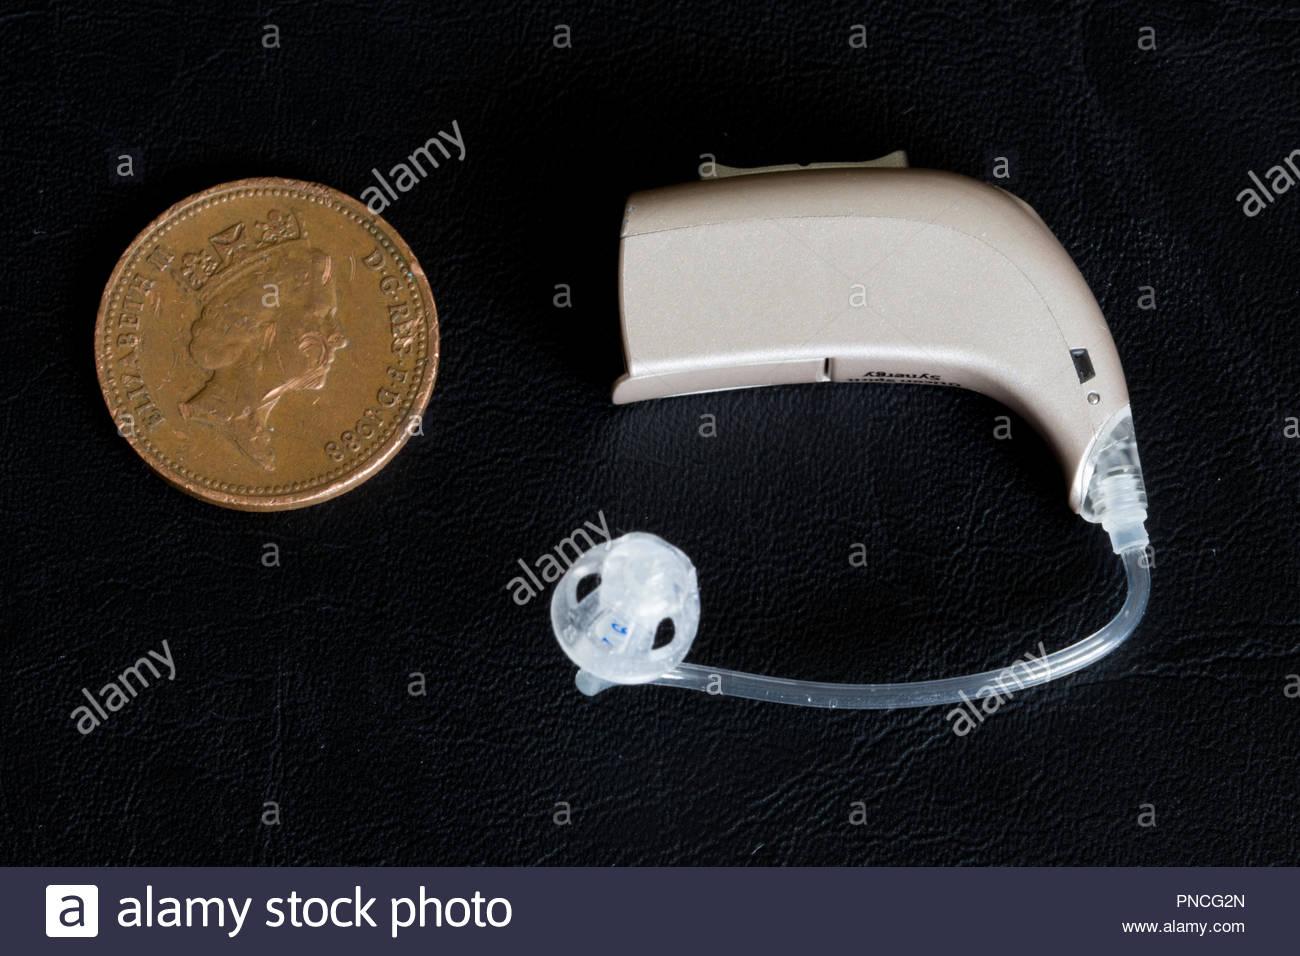 La Oticon spirito sinergia Hearing Aid Immagini Stock